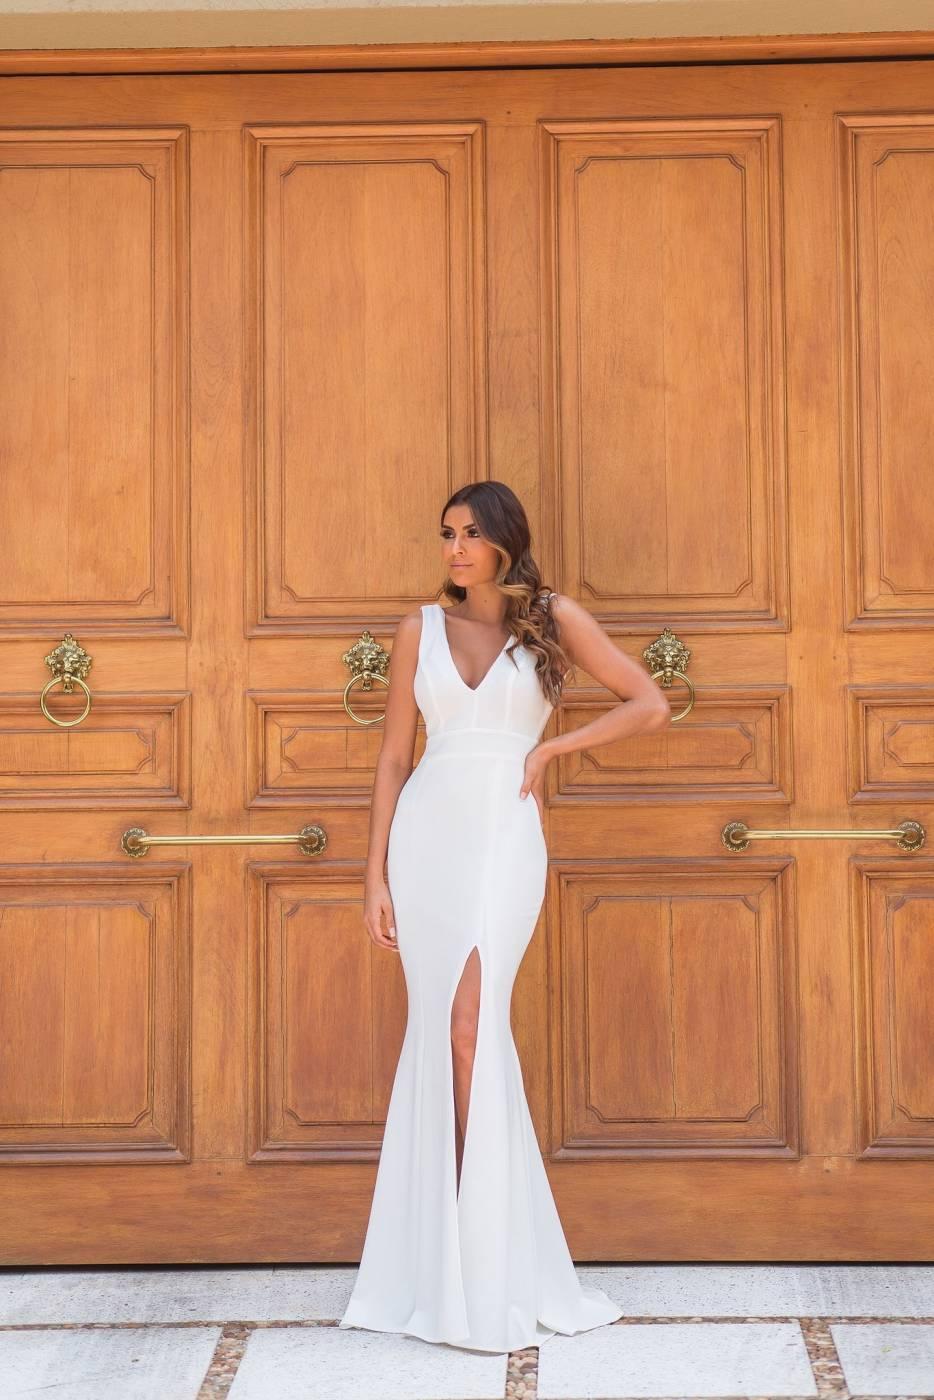 Vestido Eliane  - Empório NM